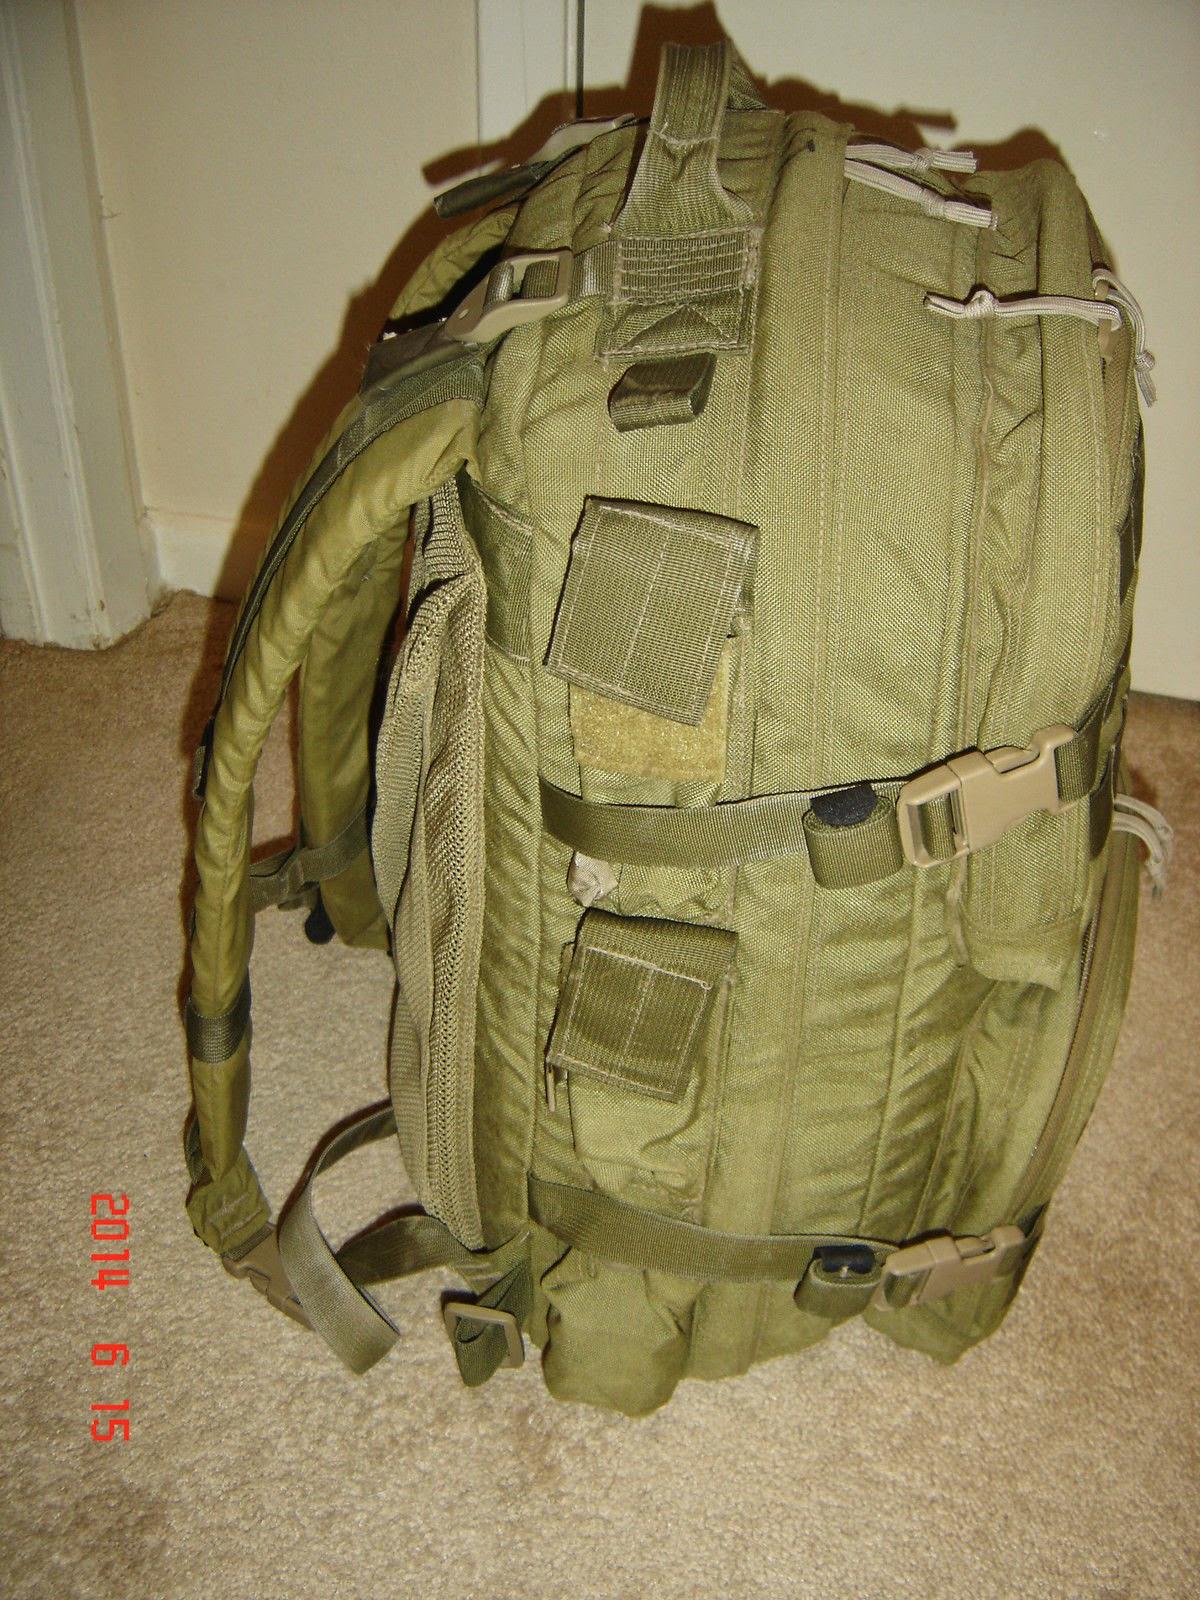 Webbingbabel Lbt 1562a Backpack Medical Tactical Field